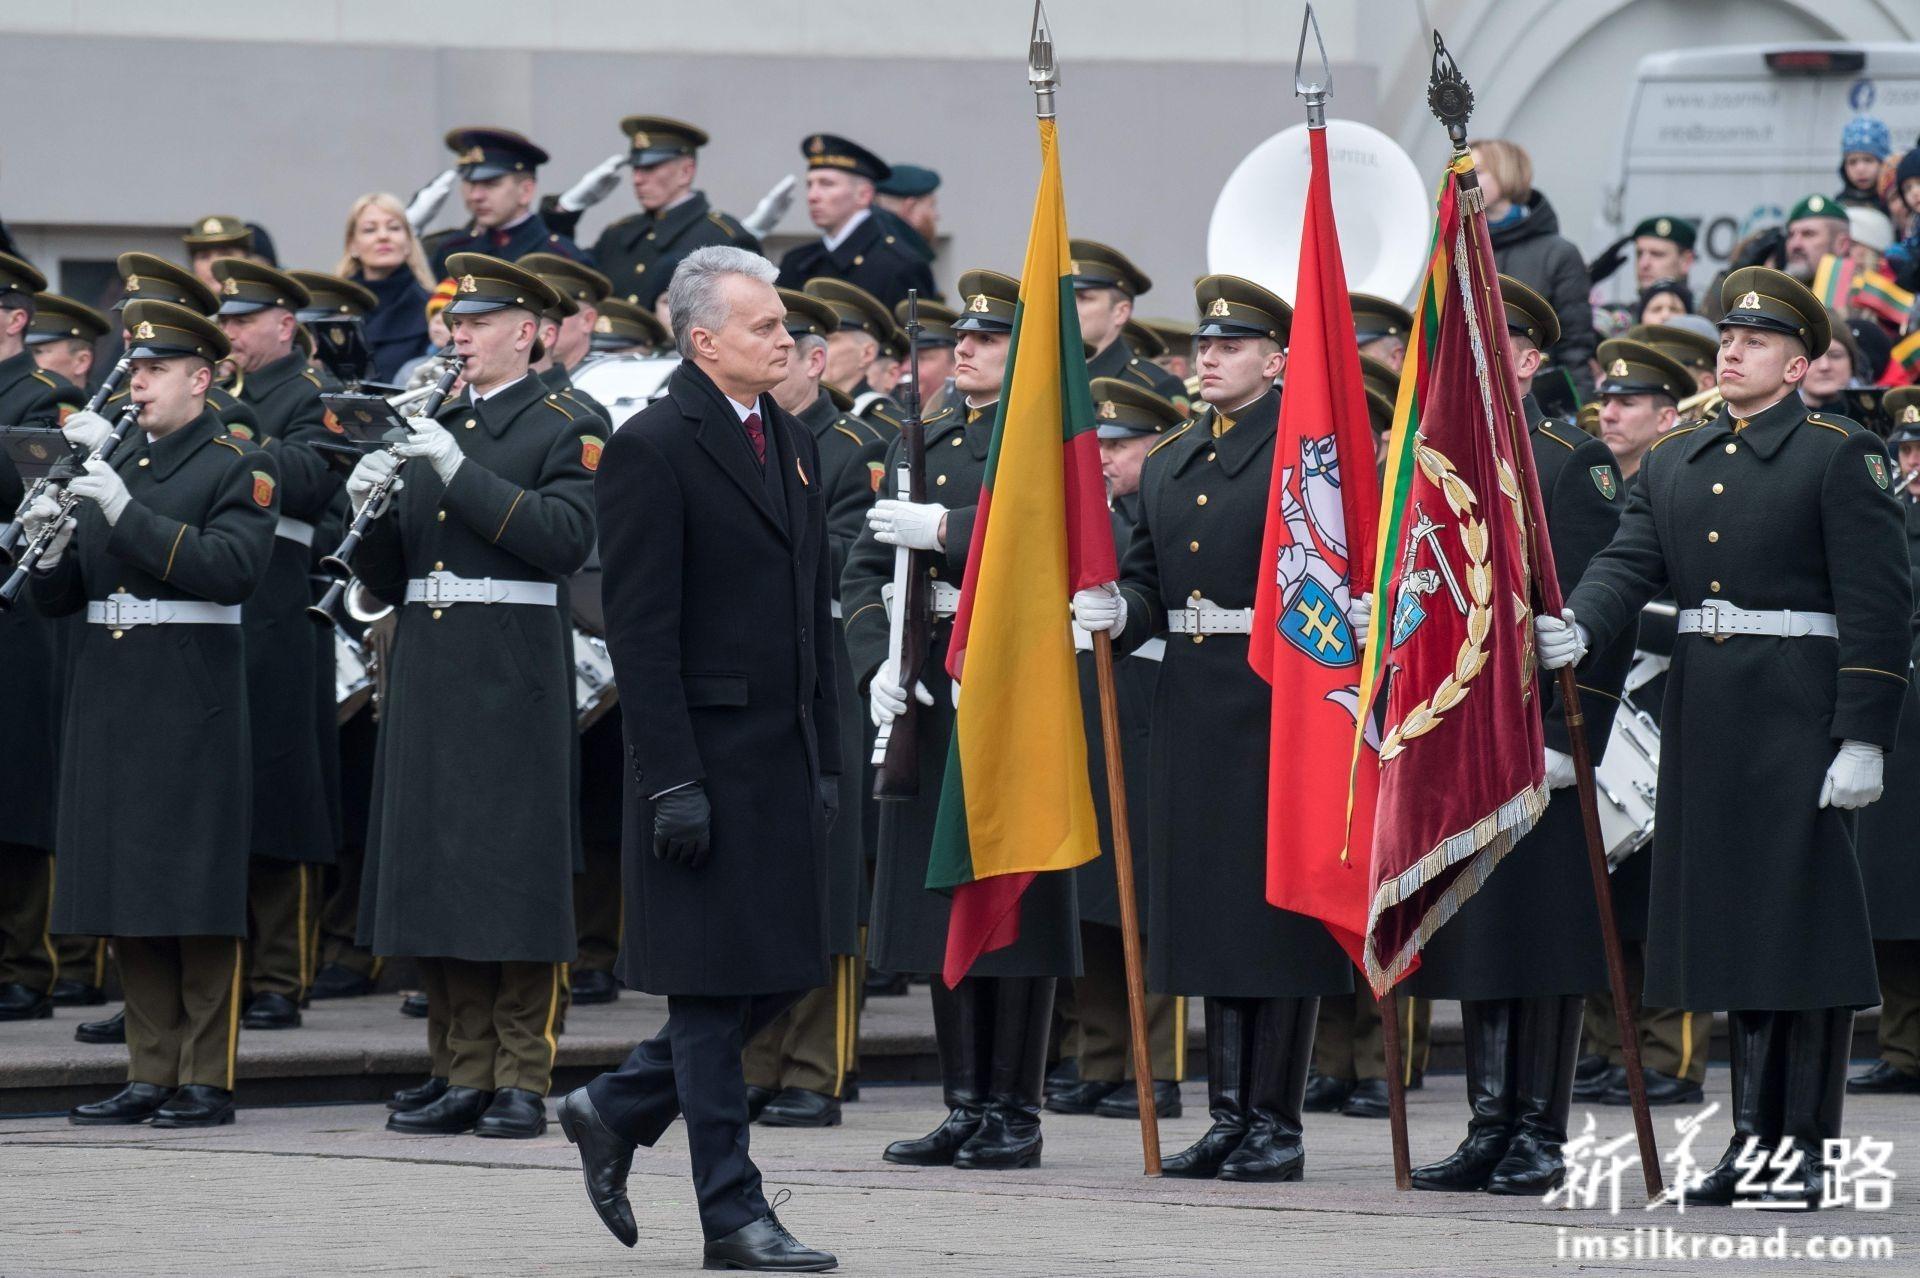 2月16日,立陶宛总统瑙塞达(前)在首都维尔纽斯举行的庆祝独立日活动中检阅仪仗队。新华社发(阿尔弗雷达斯·普里亚迪斯摄)